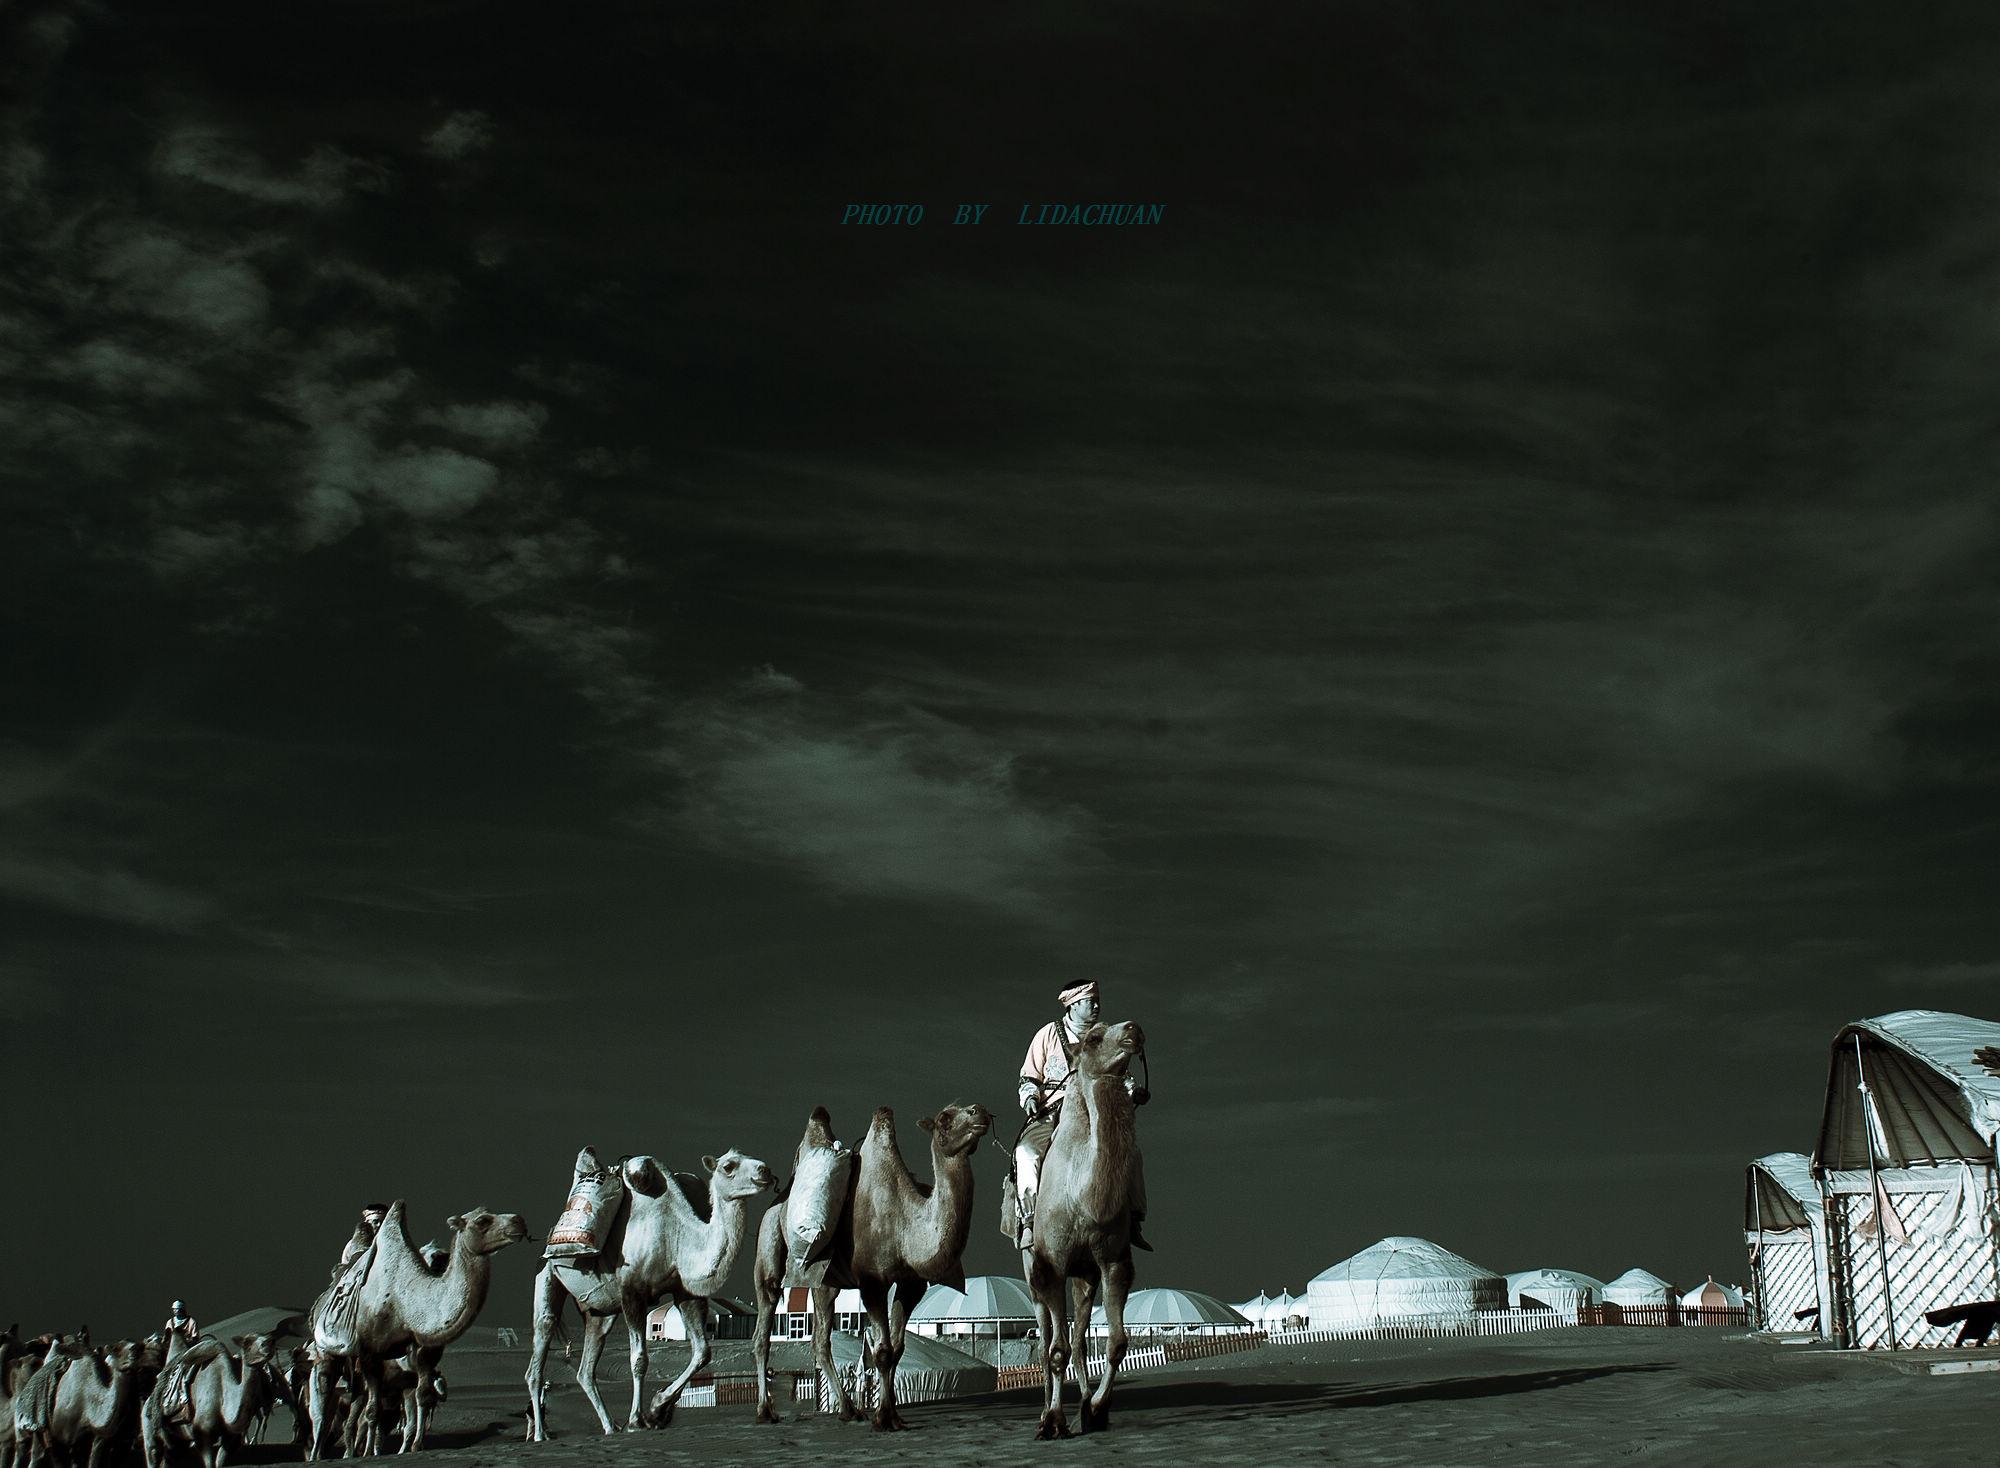 答:天边的骆驼 作词:朱思思 作曲:朱思思 演唱:蒋大为 天边走来一队队跋涉的骆驼 走啊走啊走在那茫茫的沙漠 风里雨里高昂着它的头 大雪飞沙锻炼了它的性格 高高的骆峰从来不寂寞 茫茫的翰海里印着它脚窝 沉甸甸的骆背上 骆着它的希望 骆铃声声响...